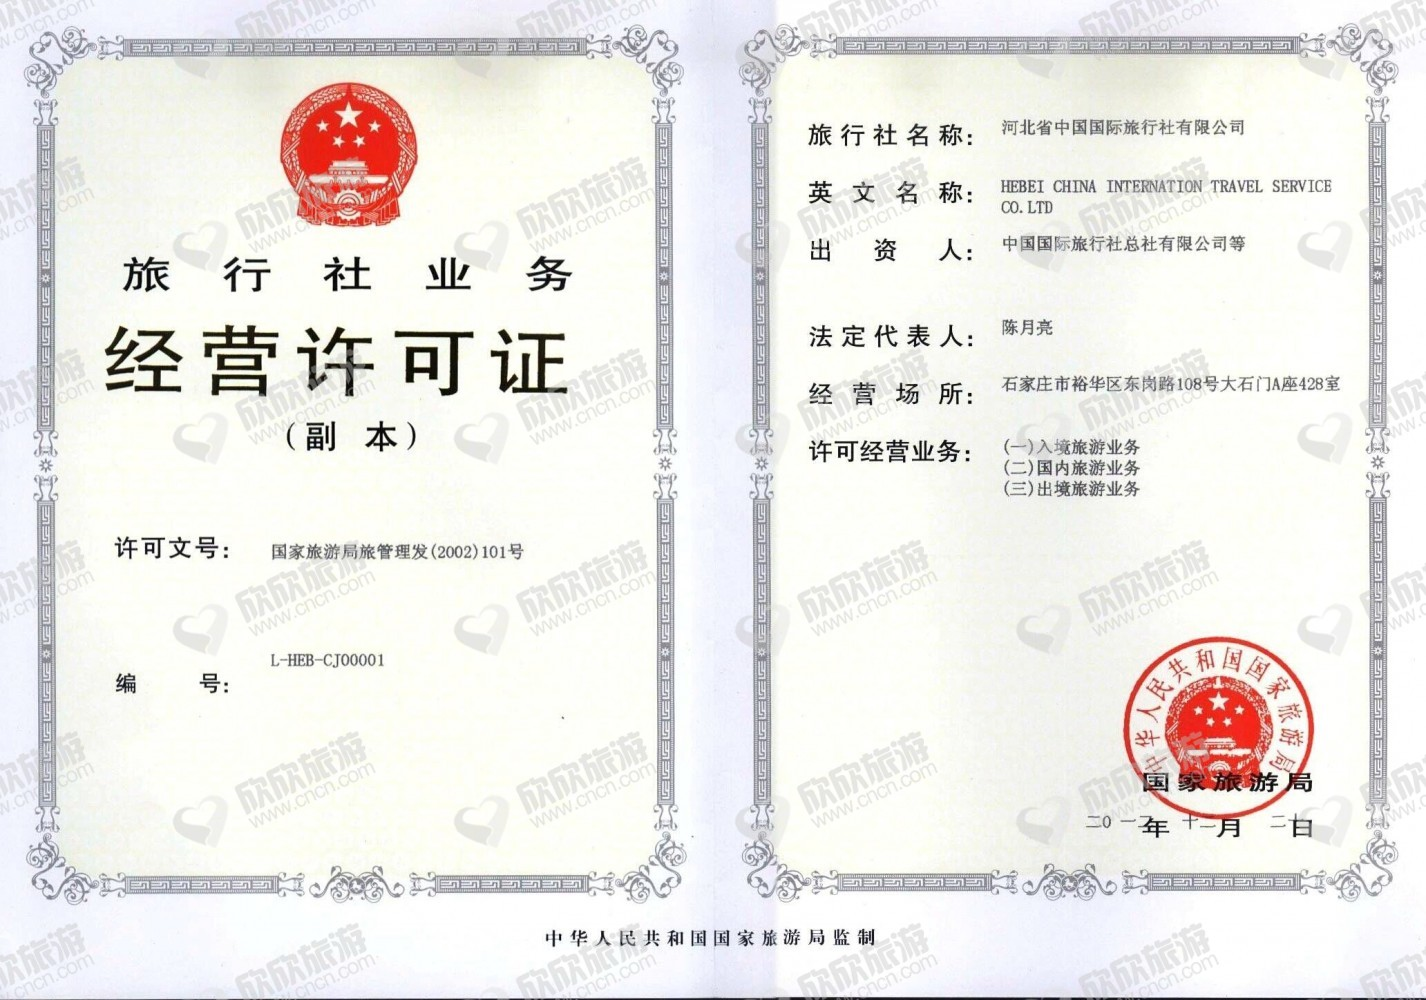 河北省中国国际旅行社有限公司经营许可证